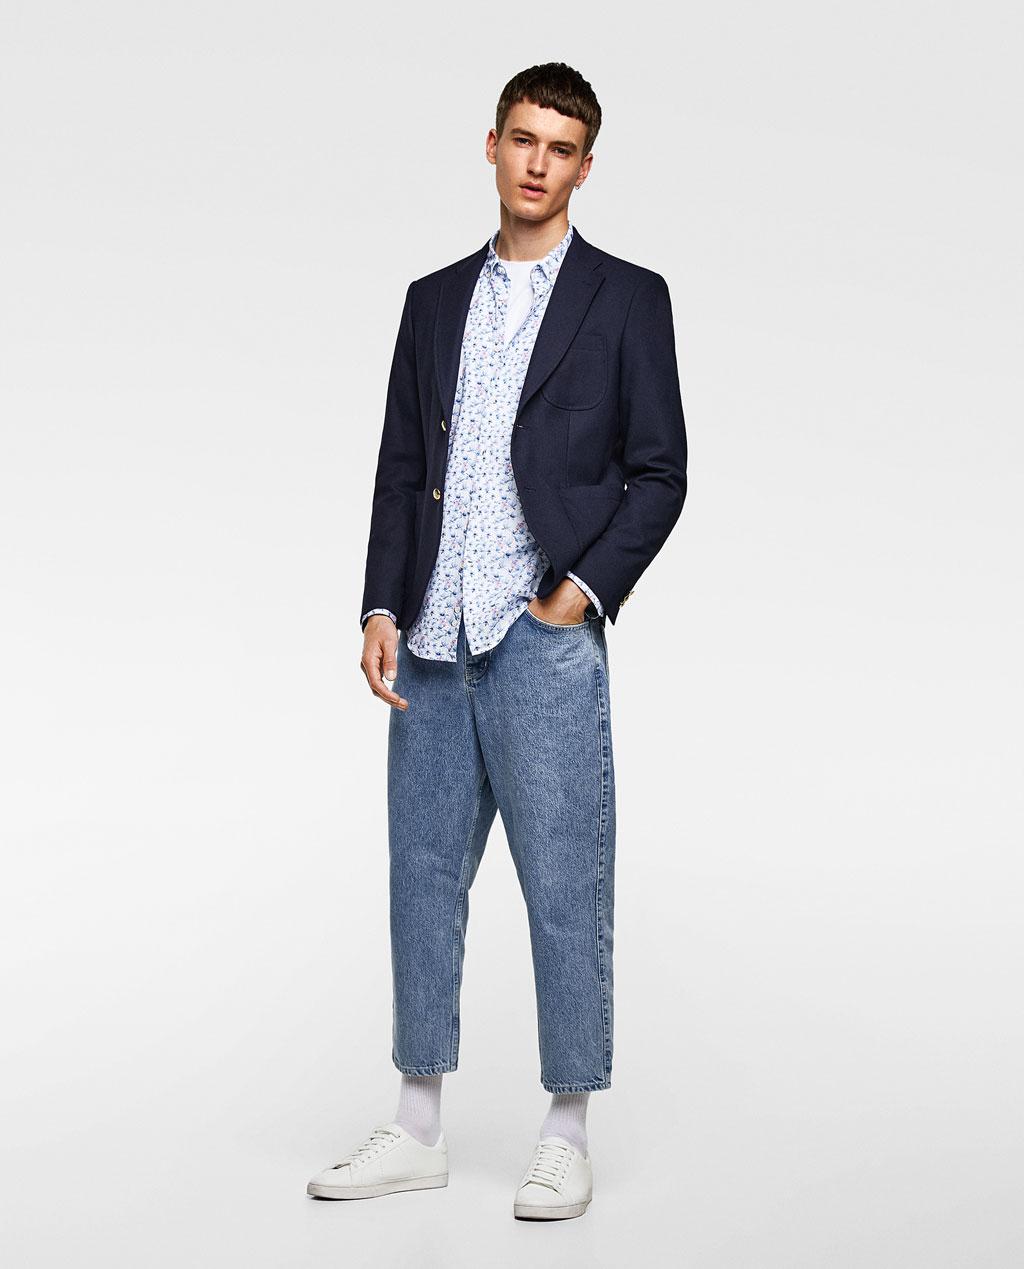 Thời trang nam Zara  24091 - ảnh 3